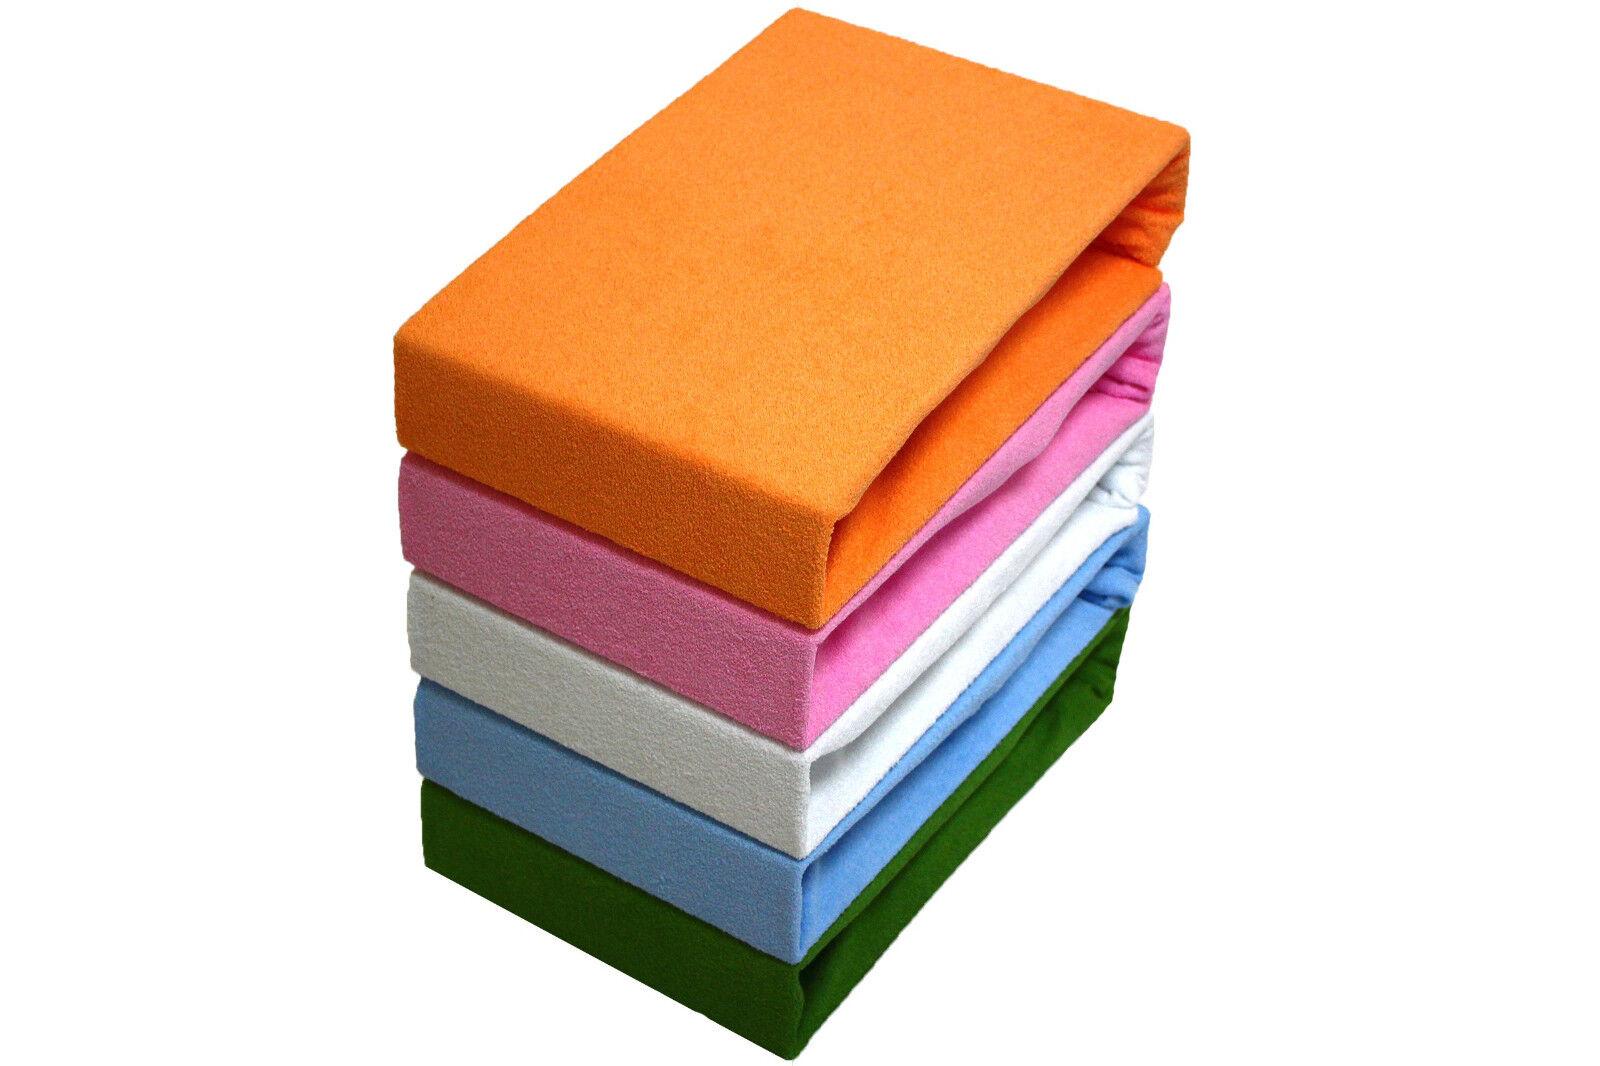 babybett spannbetttuch test vergleich babybett spannbetttuch g nstig kaufen. Black Bedroom Furniture Sets. Home Design Ideas